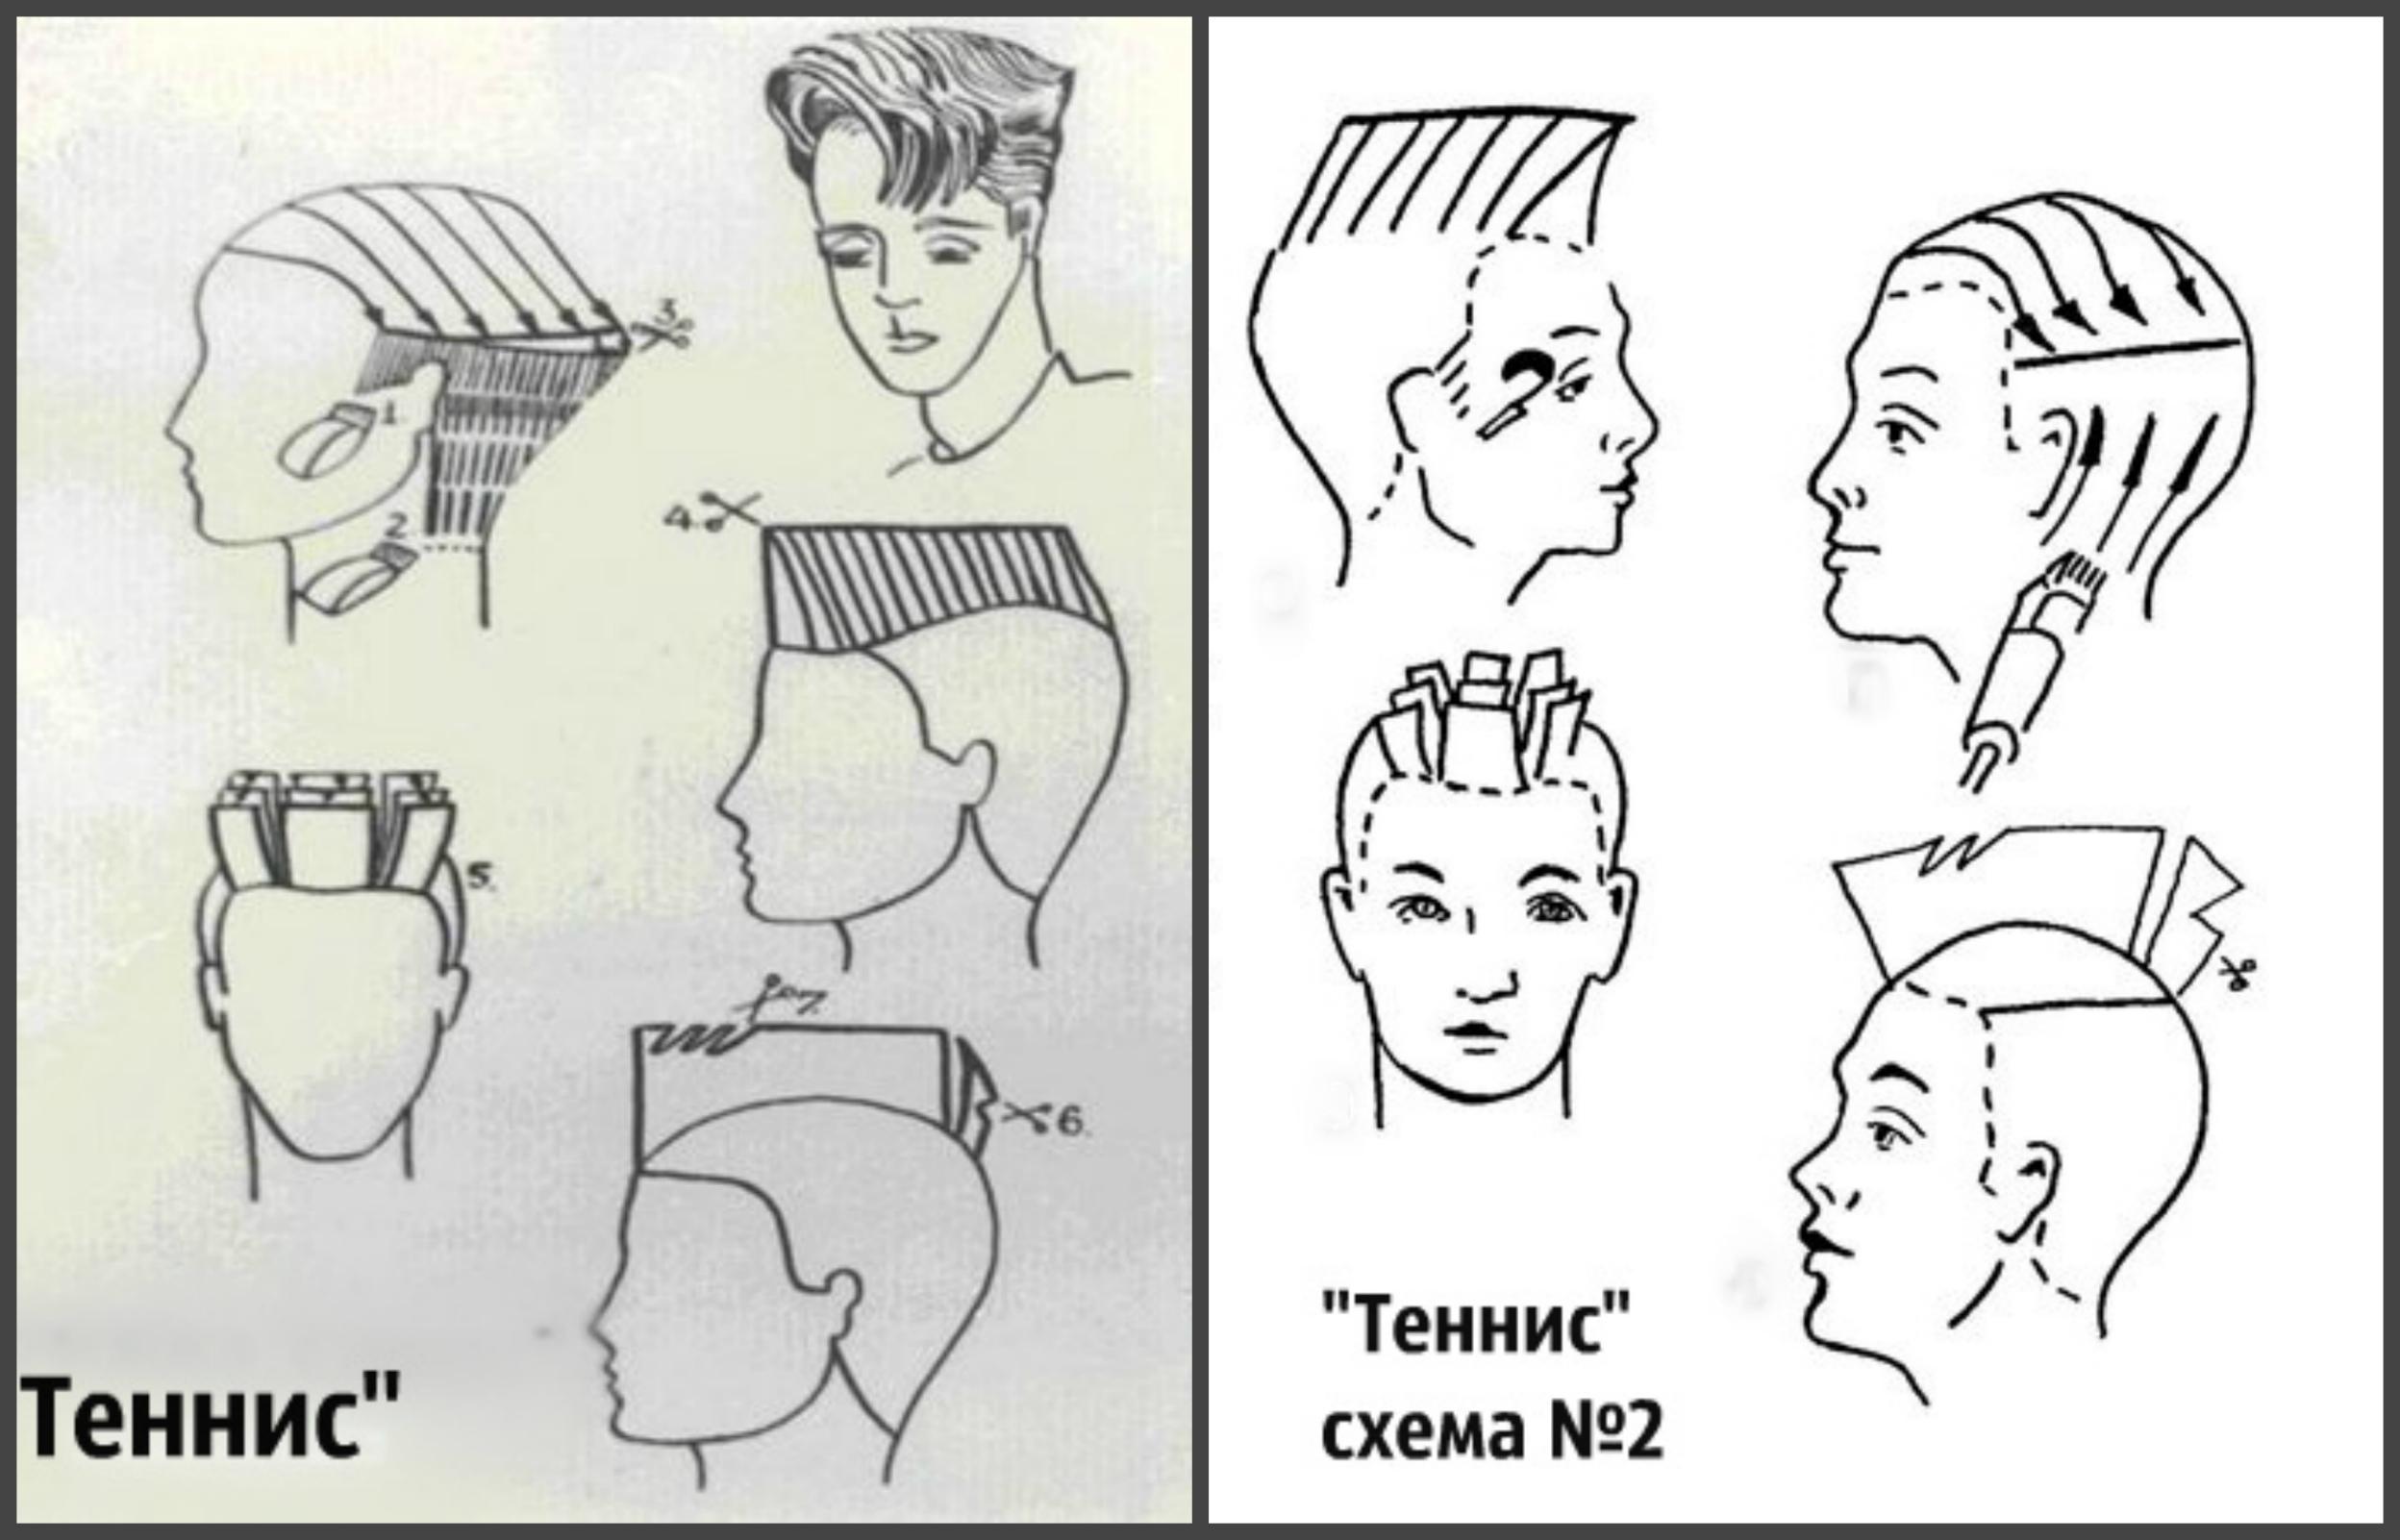 Схема выполнения стрижки теннис